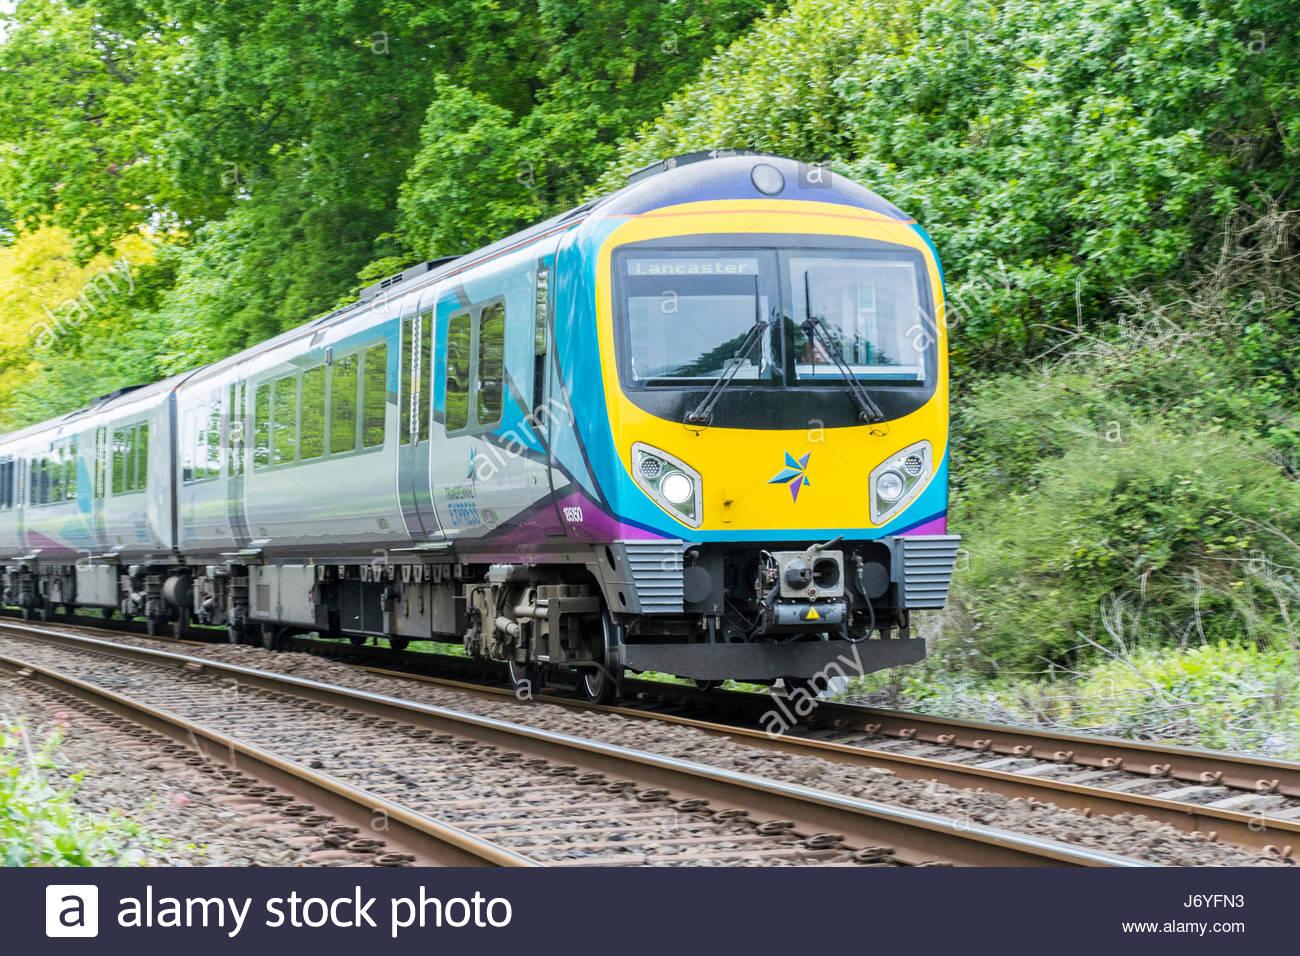 A Transpennine express train at Grange over Sands heads for Lancaster - Stock Image